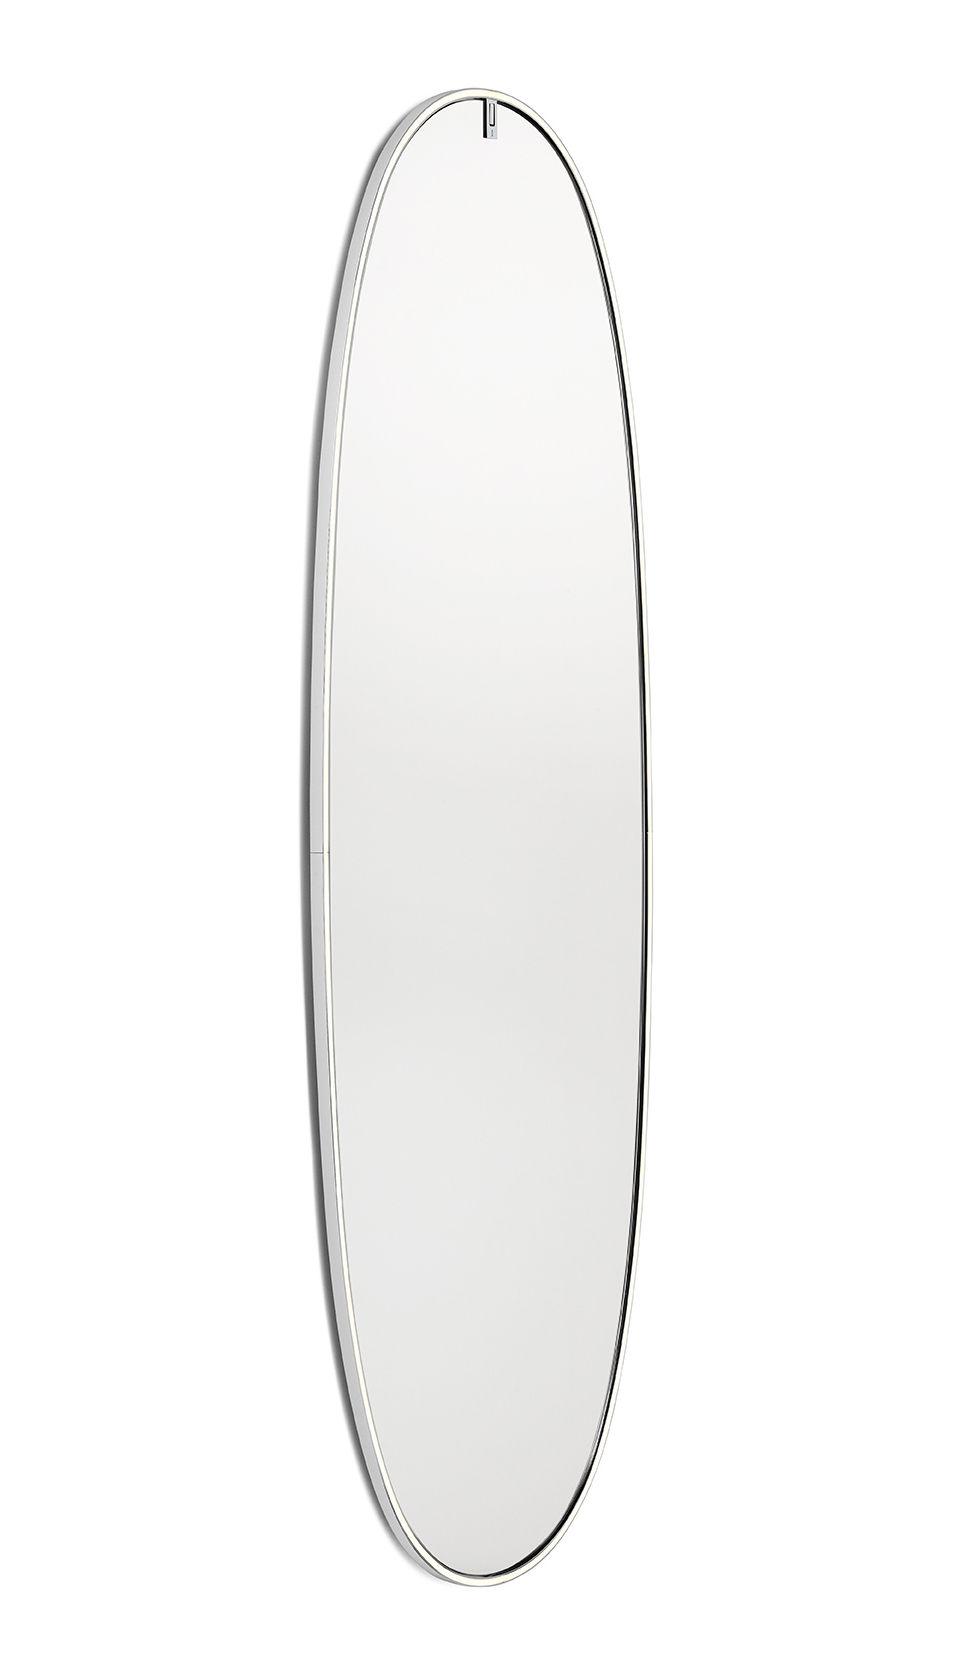 Luminaire - Appliques - Miroir lumineux La Plus Belle LED / By Starck - H 205 cm - Flos - Aluminium poli - Alliage d'aluminium, Silicone, Verre sécurit